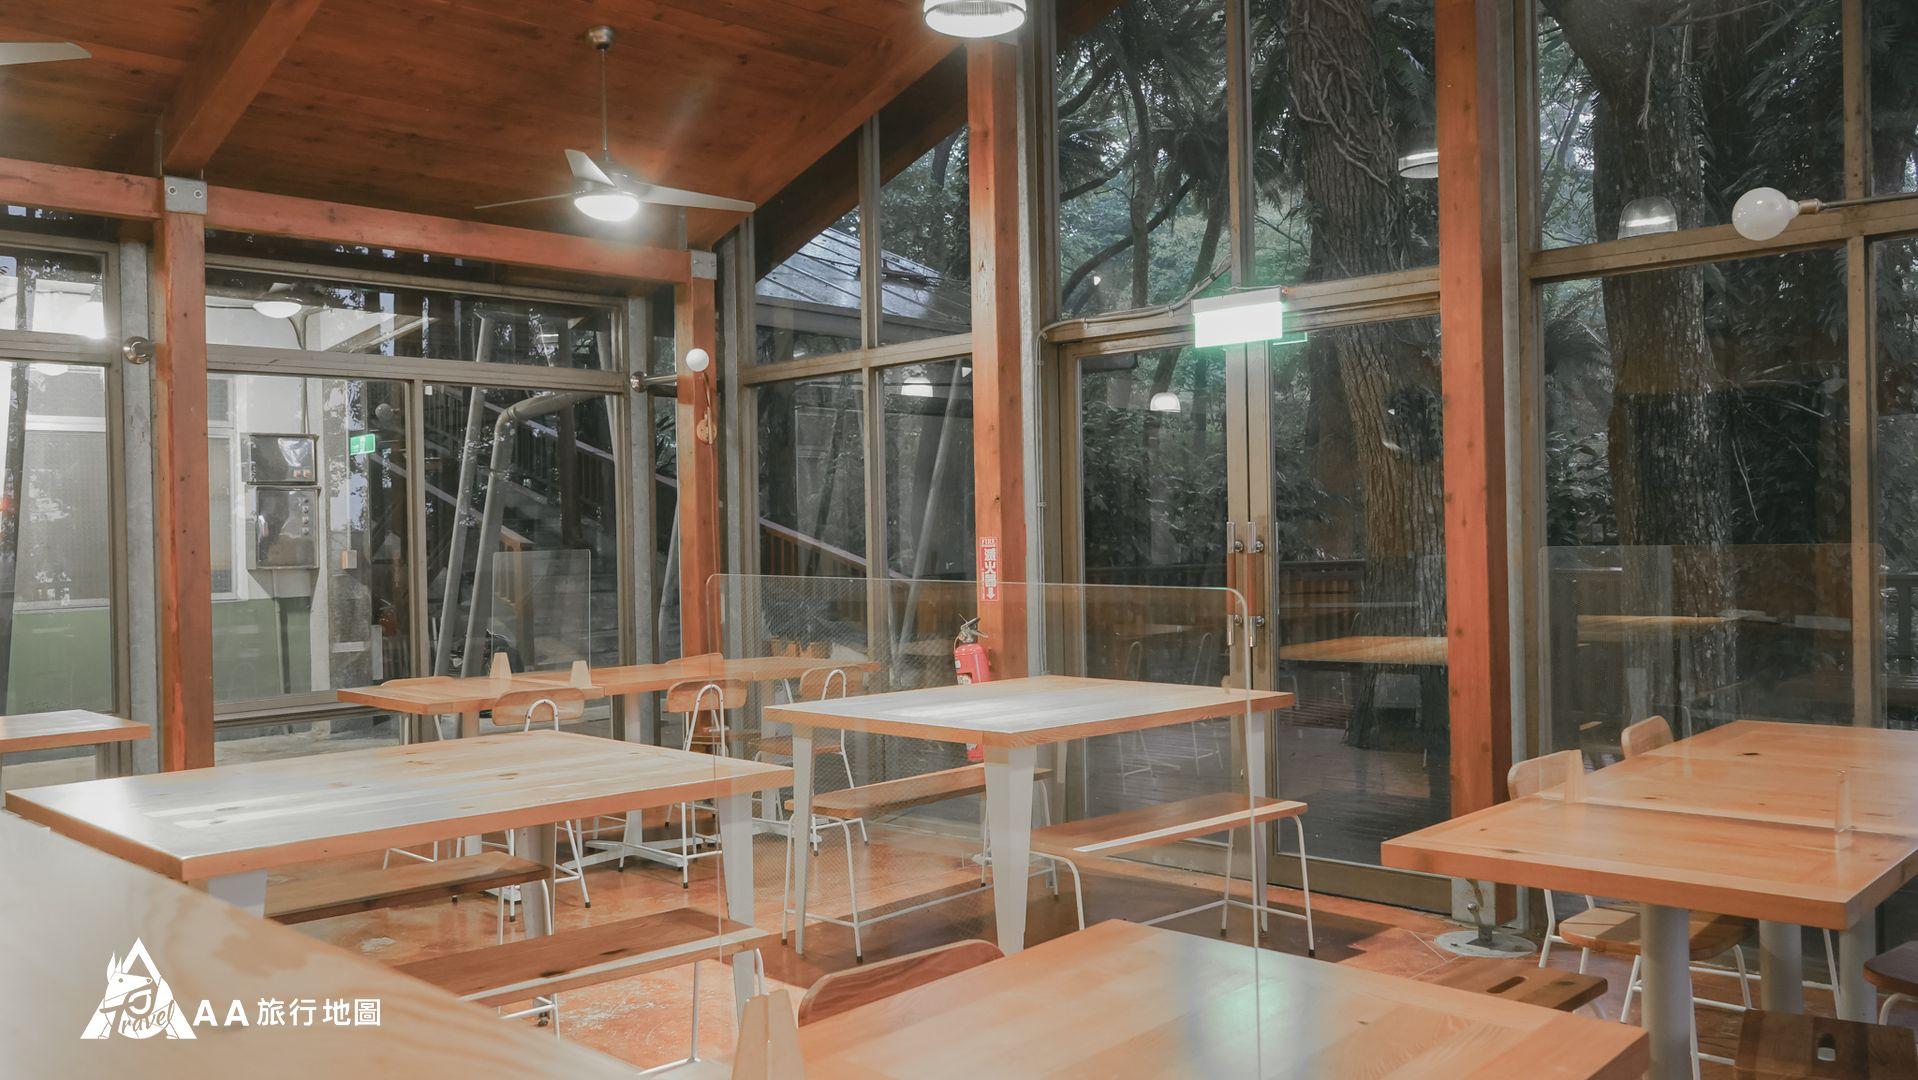 鳳凰亭序 餐廳第二用餐區拍起來的感覺,很寬敝